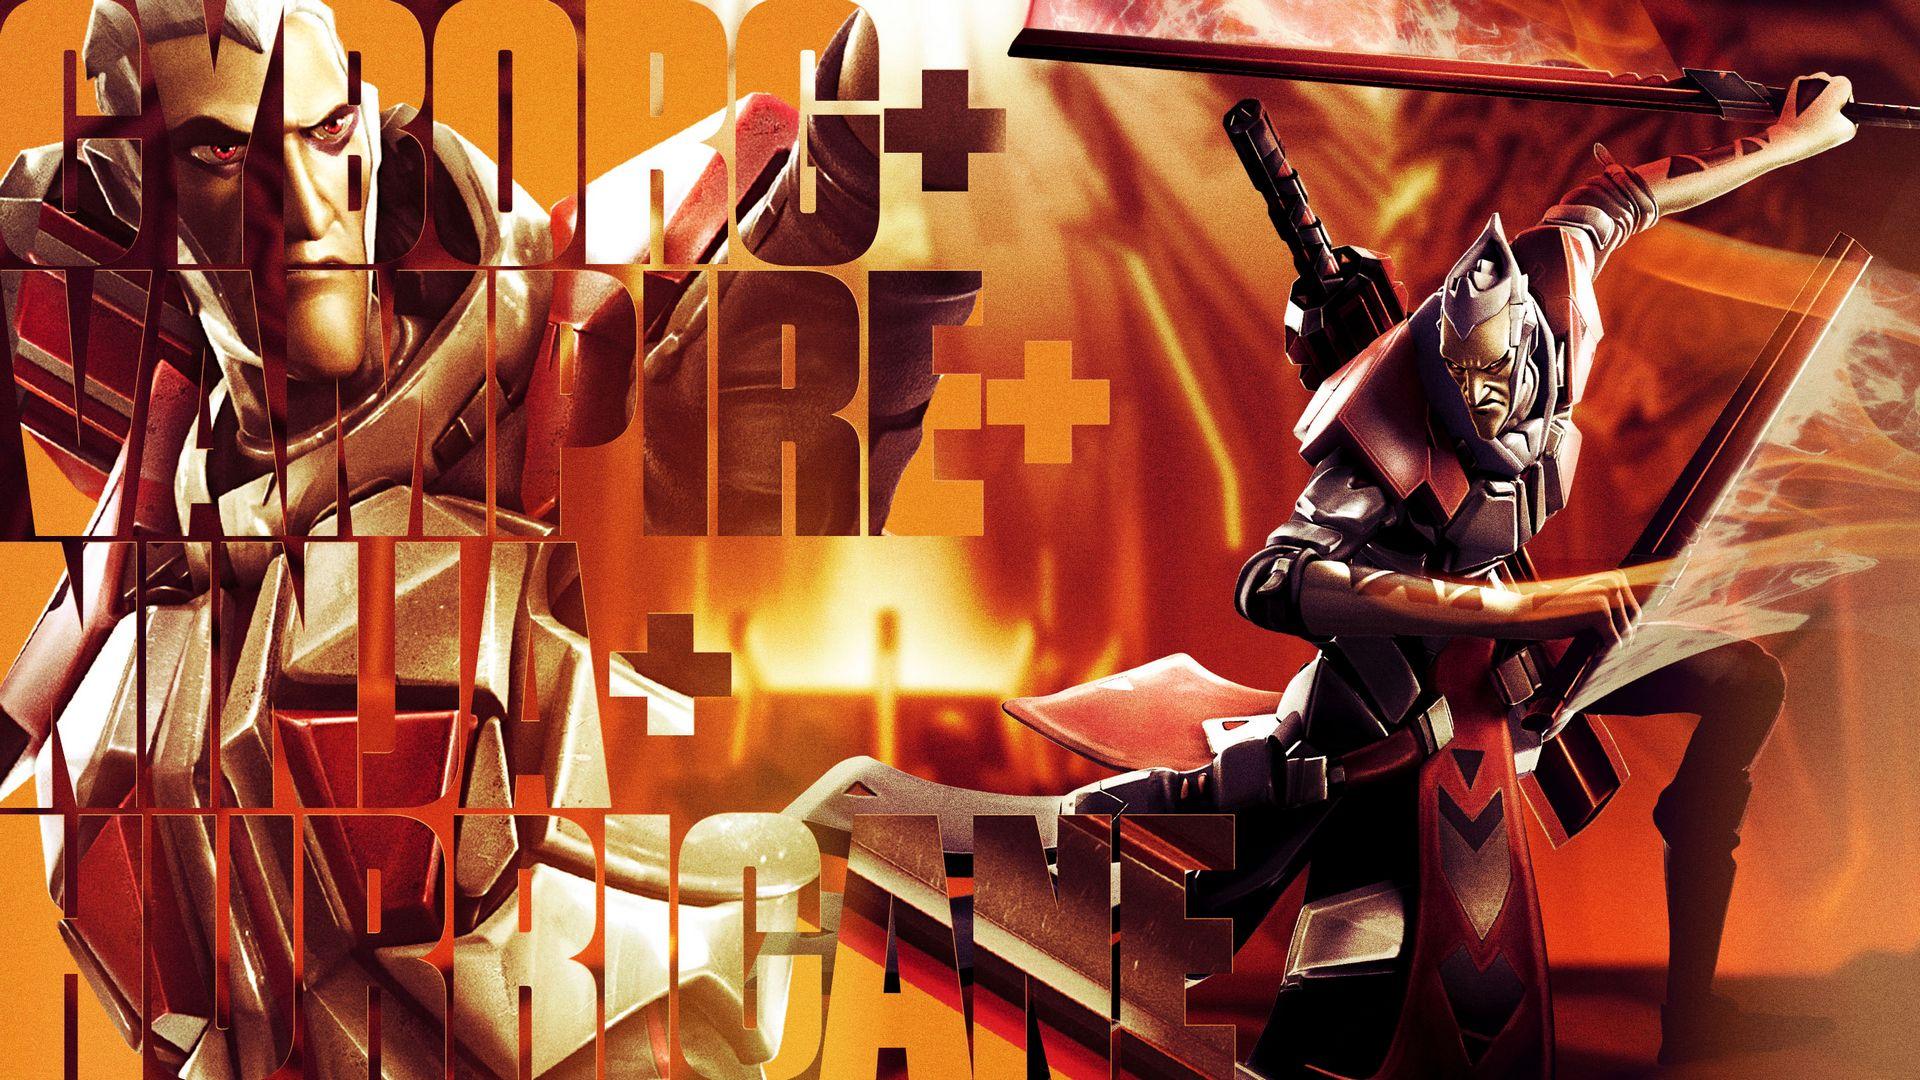 Battleborn Wallpaper Poster 1589499 Hd Wallpaper Backgrounds Download